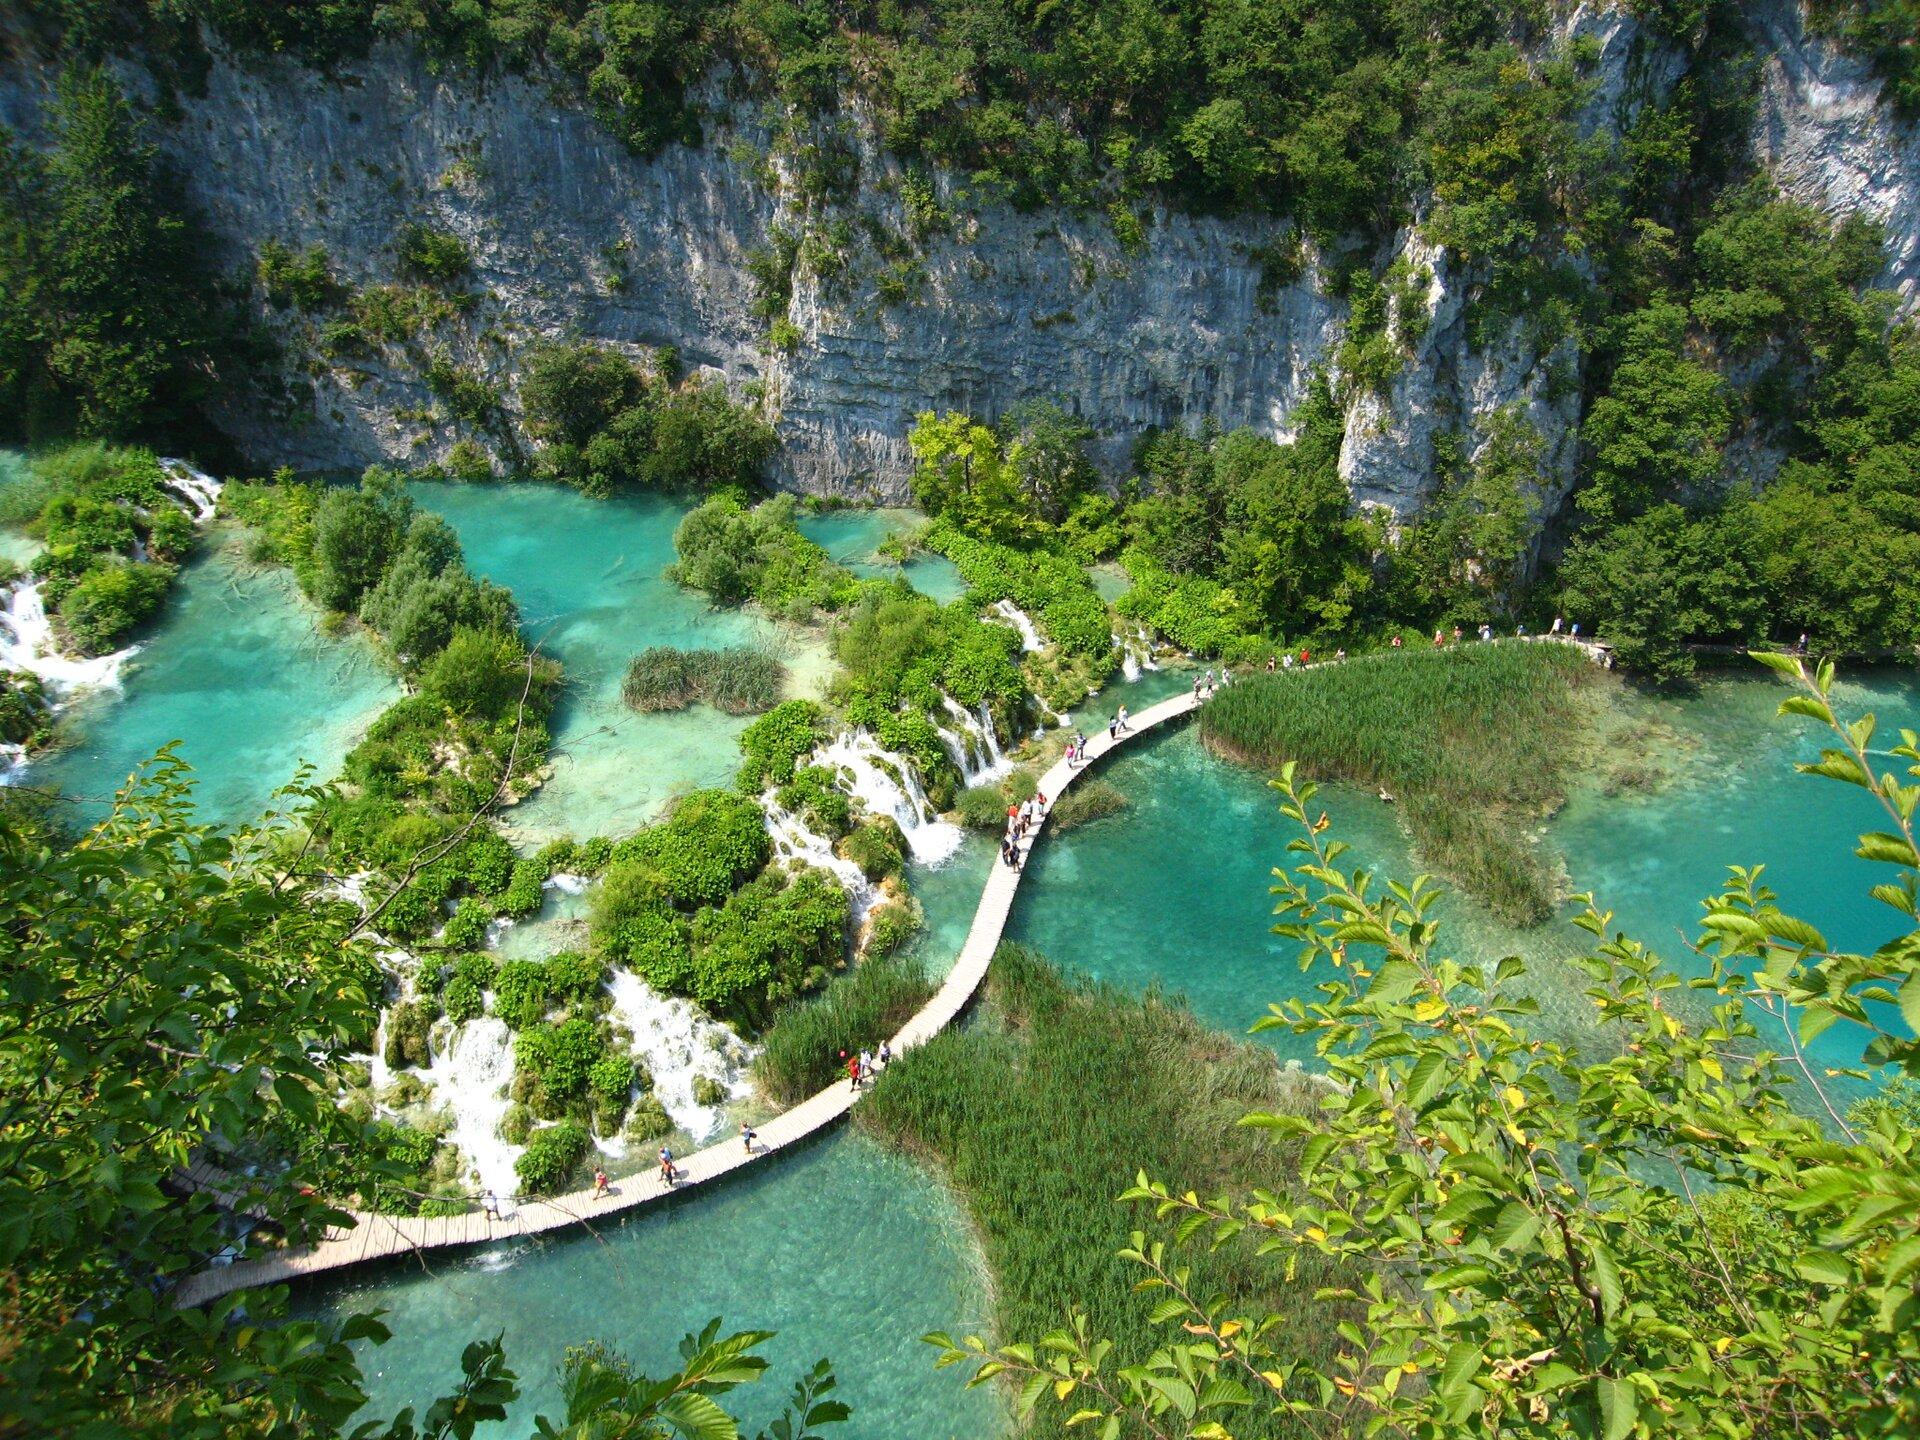 Fotografia druga wykonana zwysokości prezentuje jeziora zturkusowymi wodami umiejscowione pomiędzy skałami.